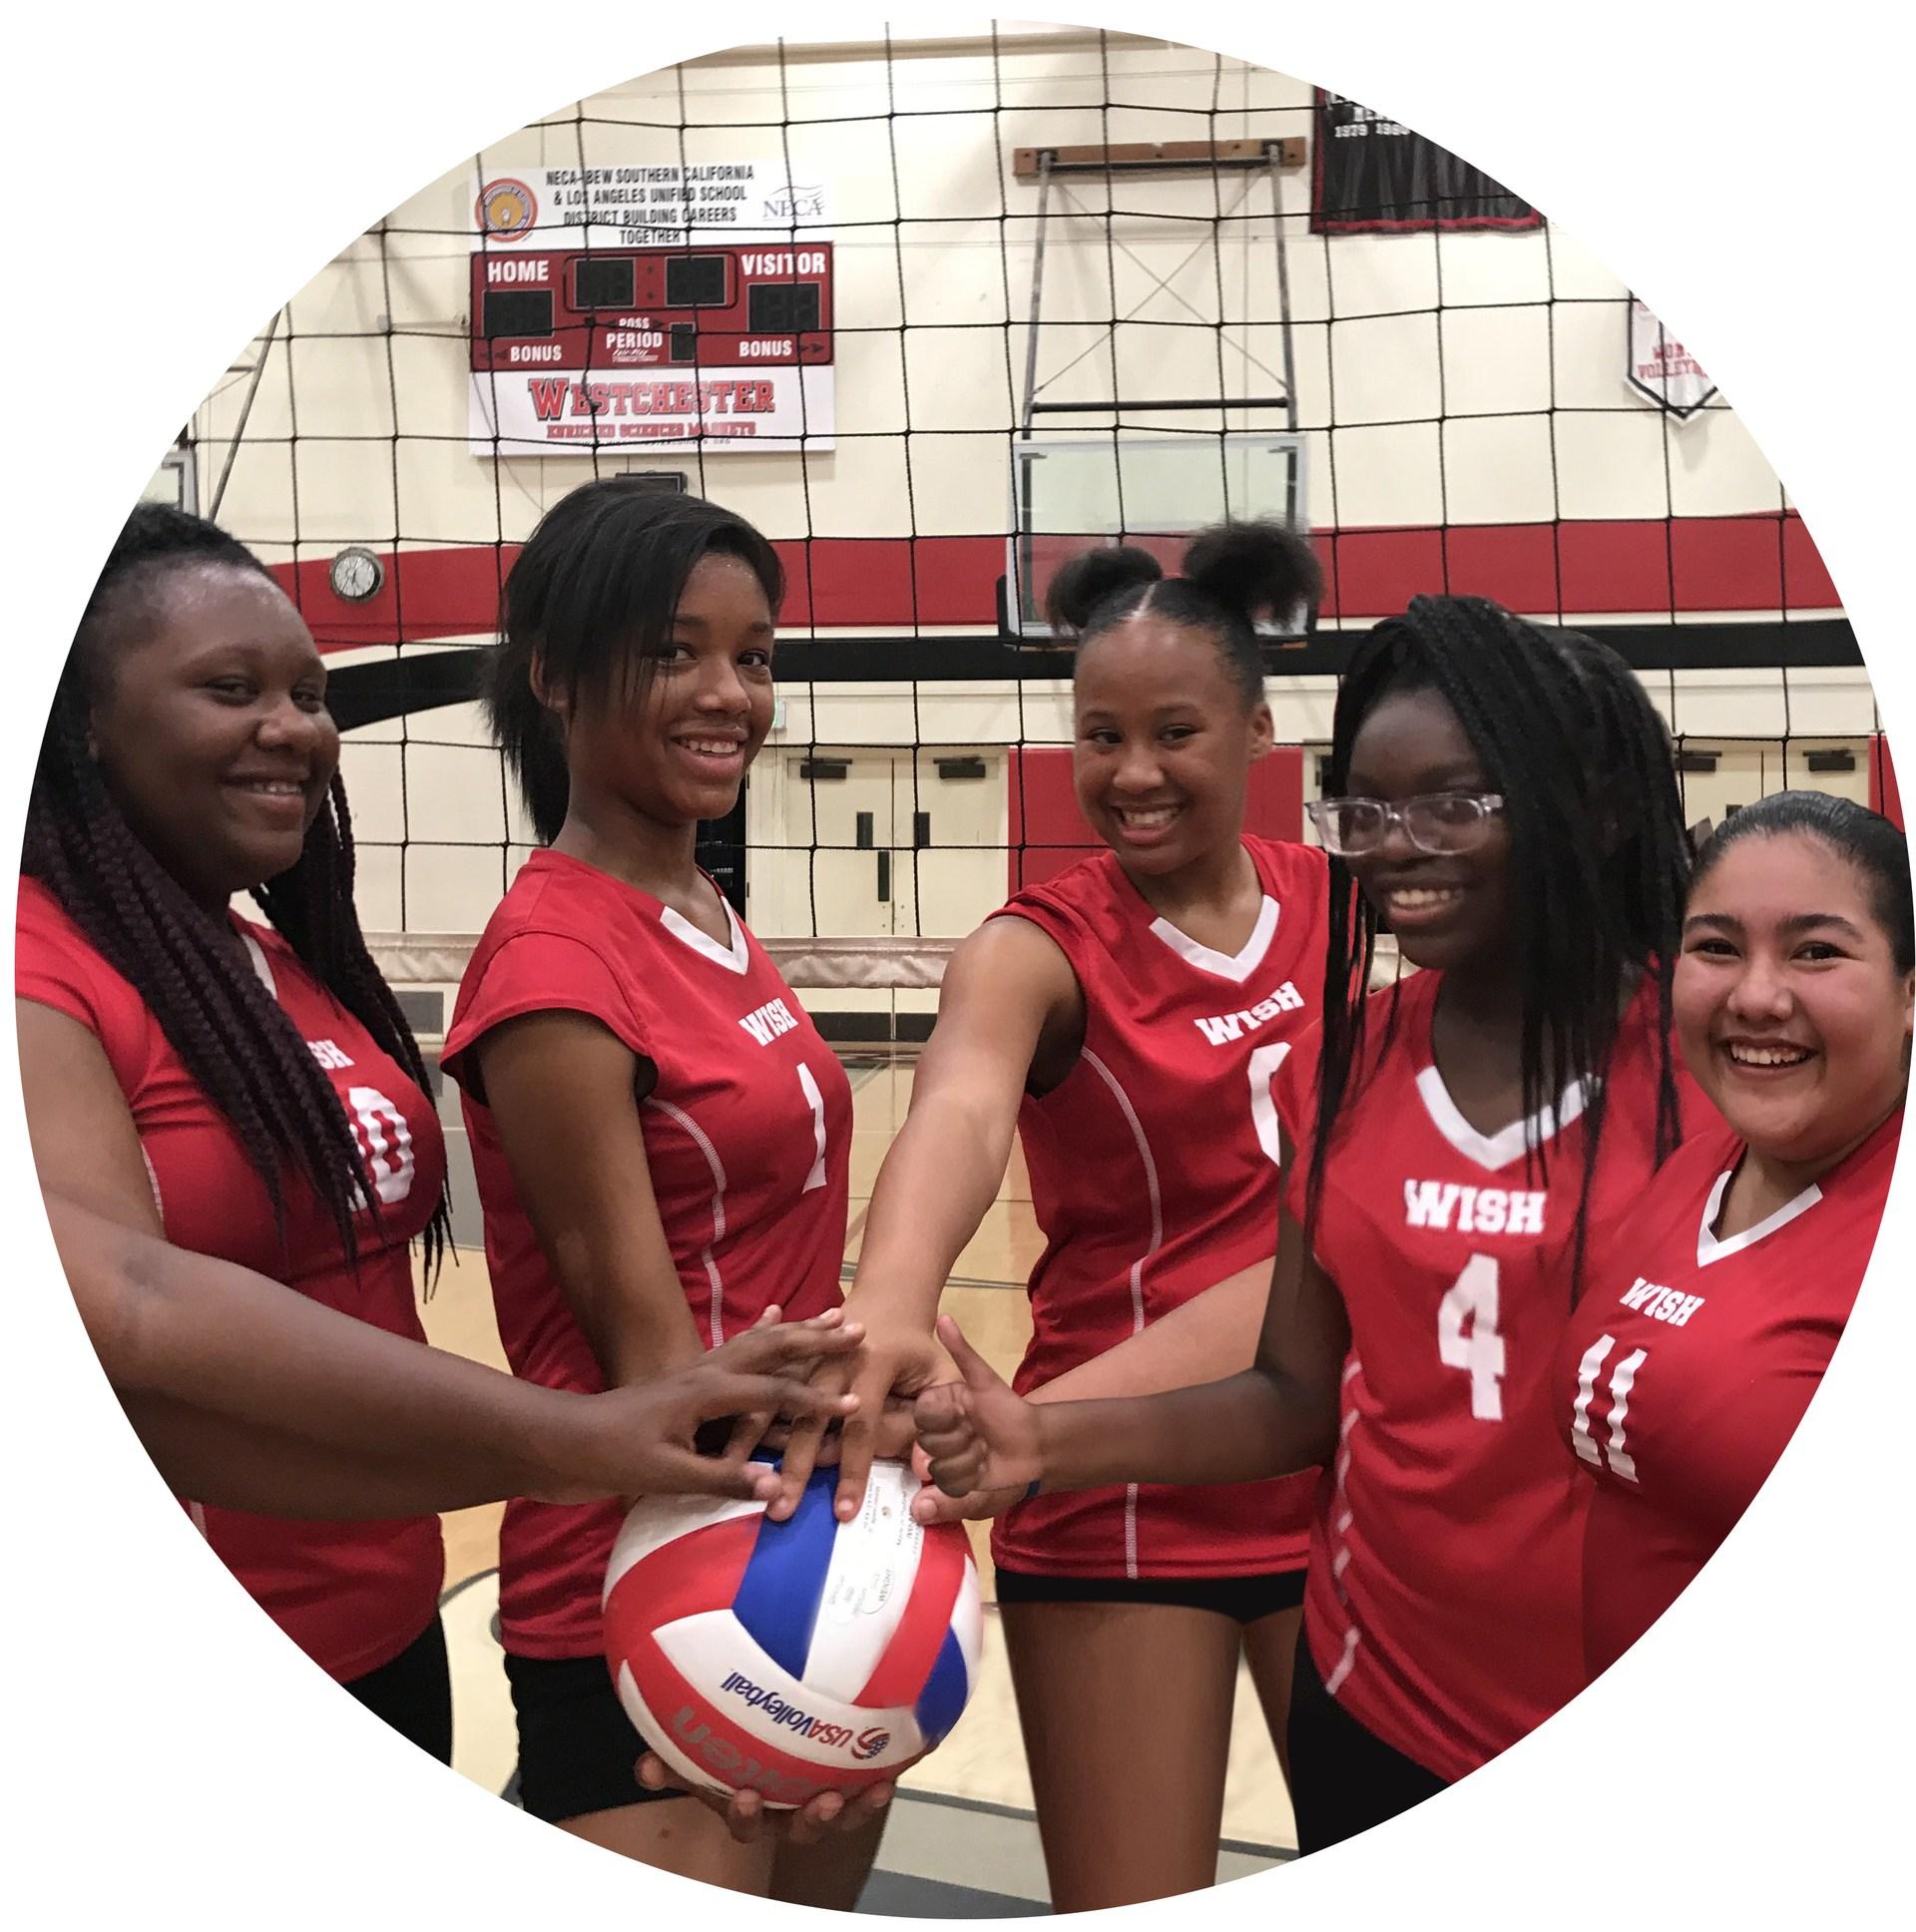 WISH Academy Girls Volleyball Team.